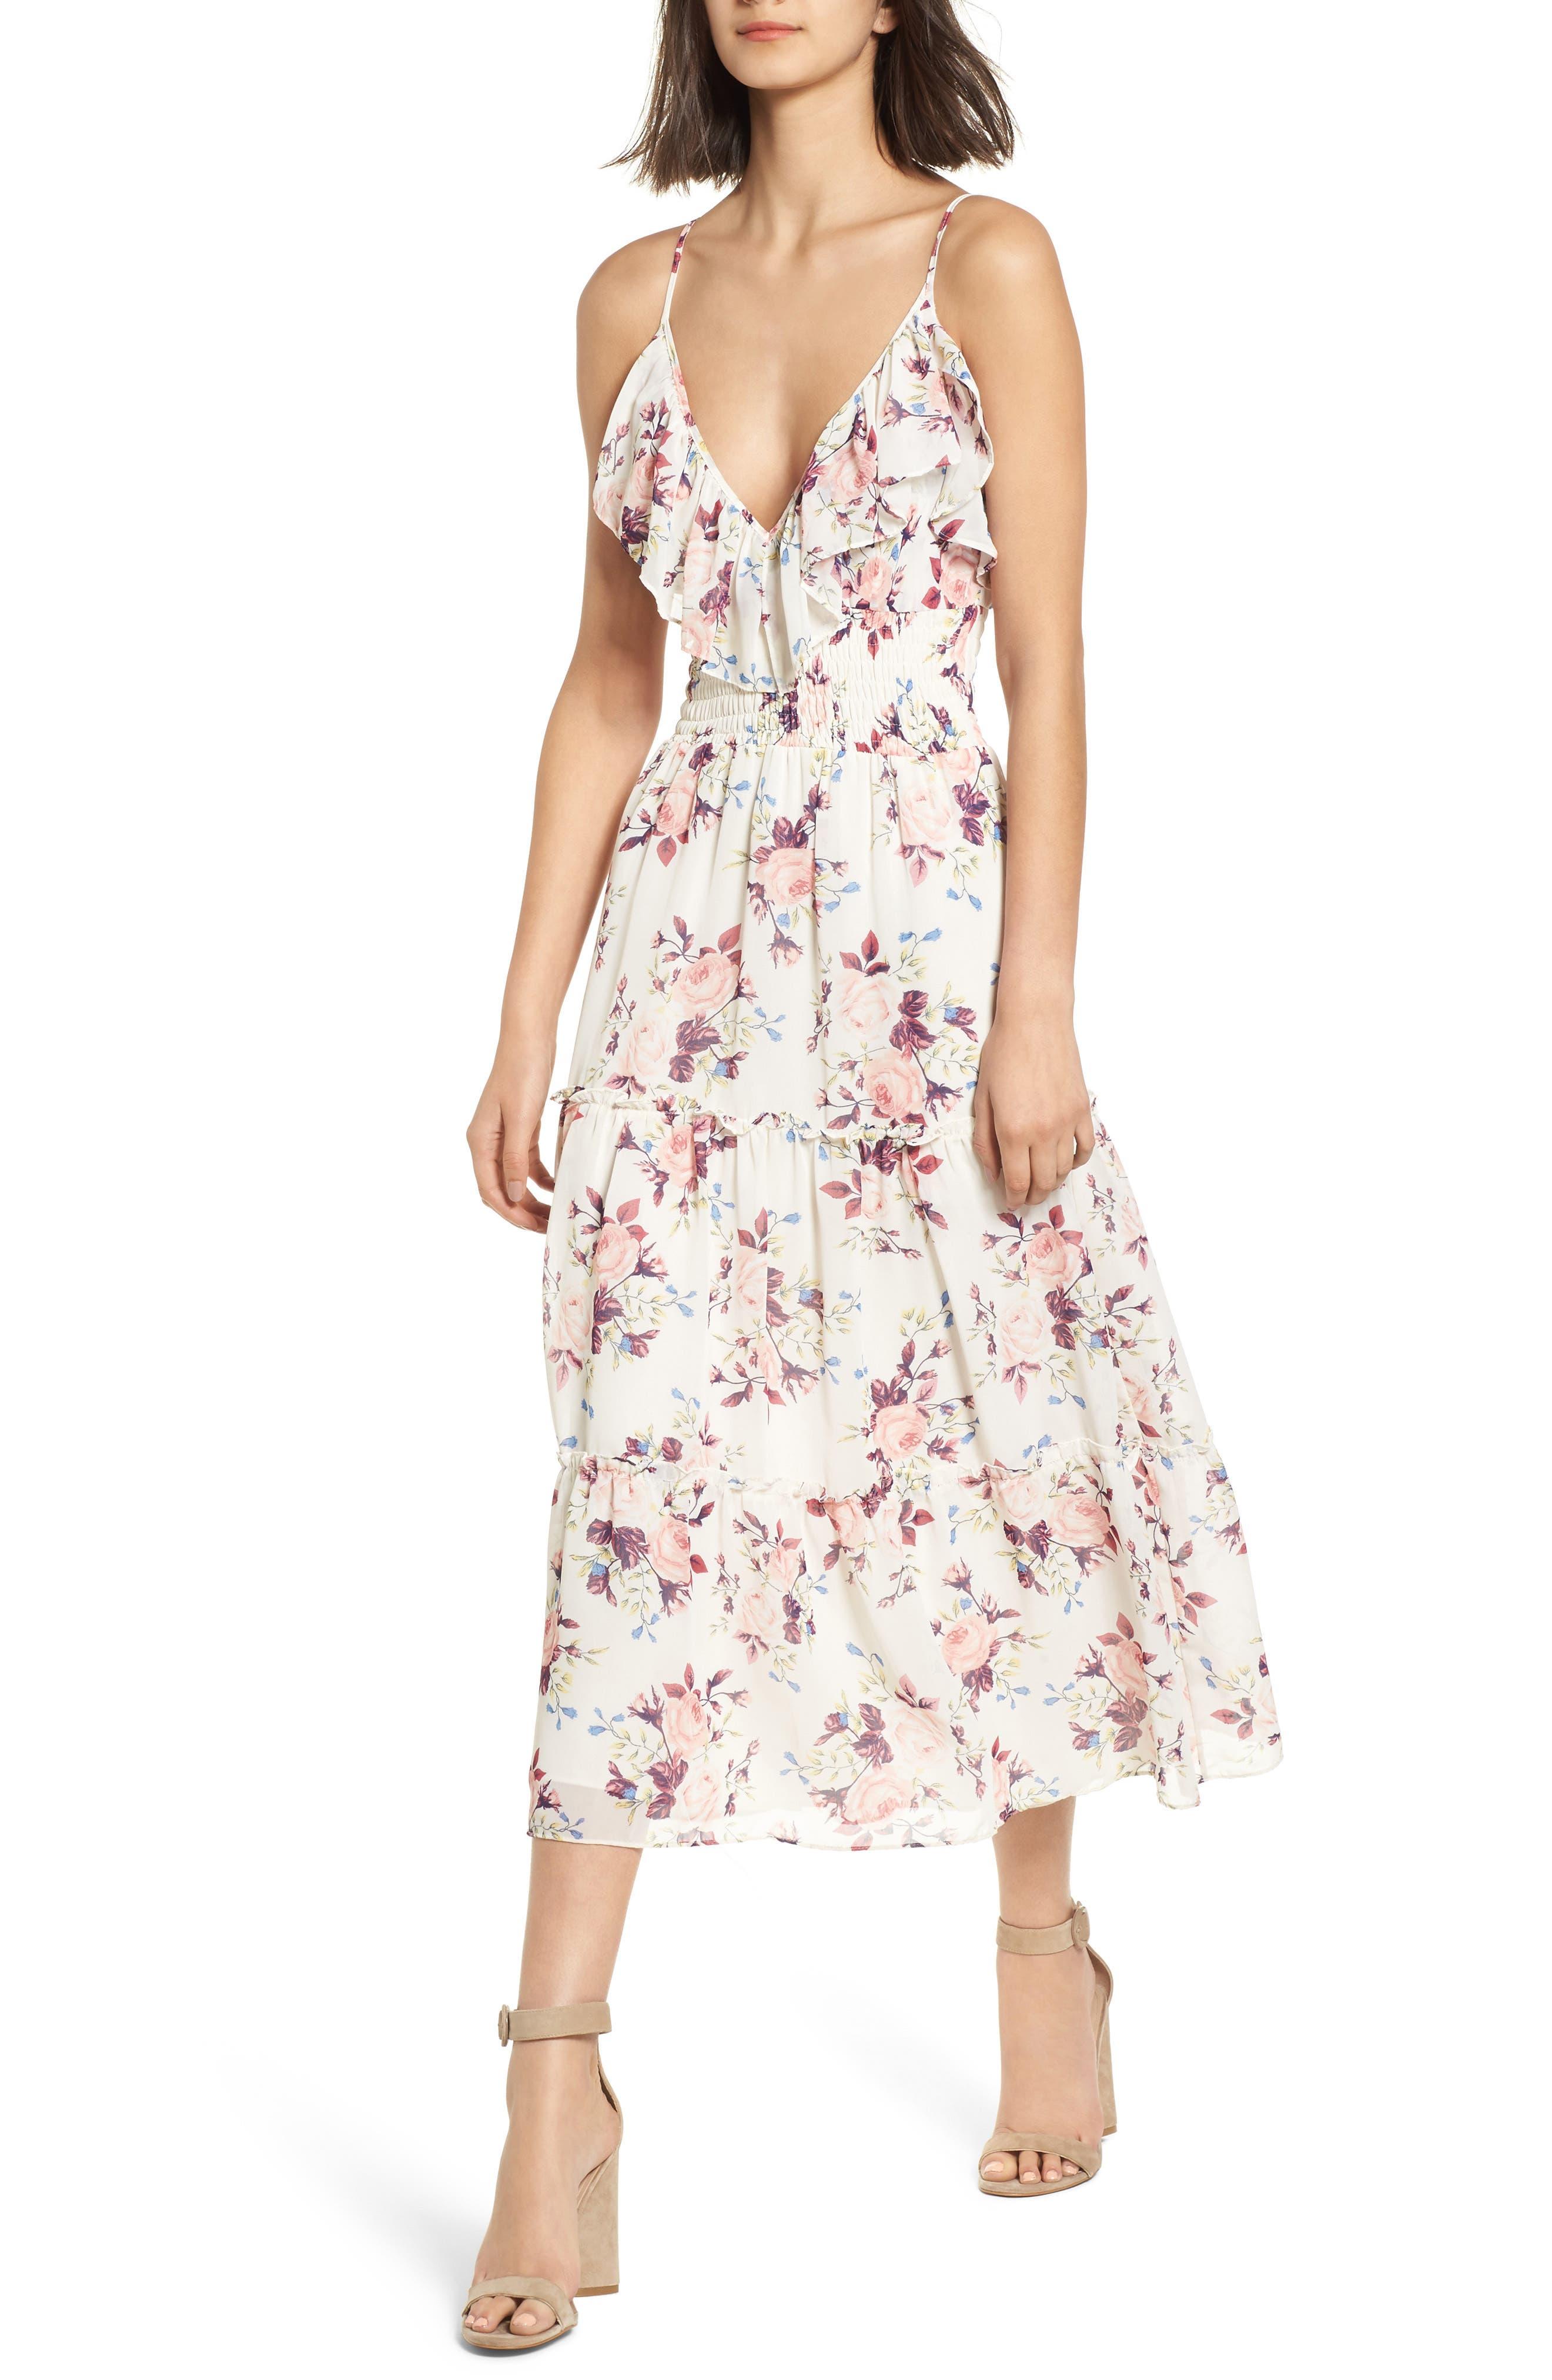 Aviana Midi Dress,                             Main thumbnail 1, color,                             White/ Multi Em10